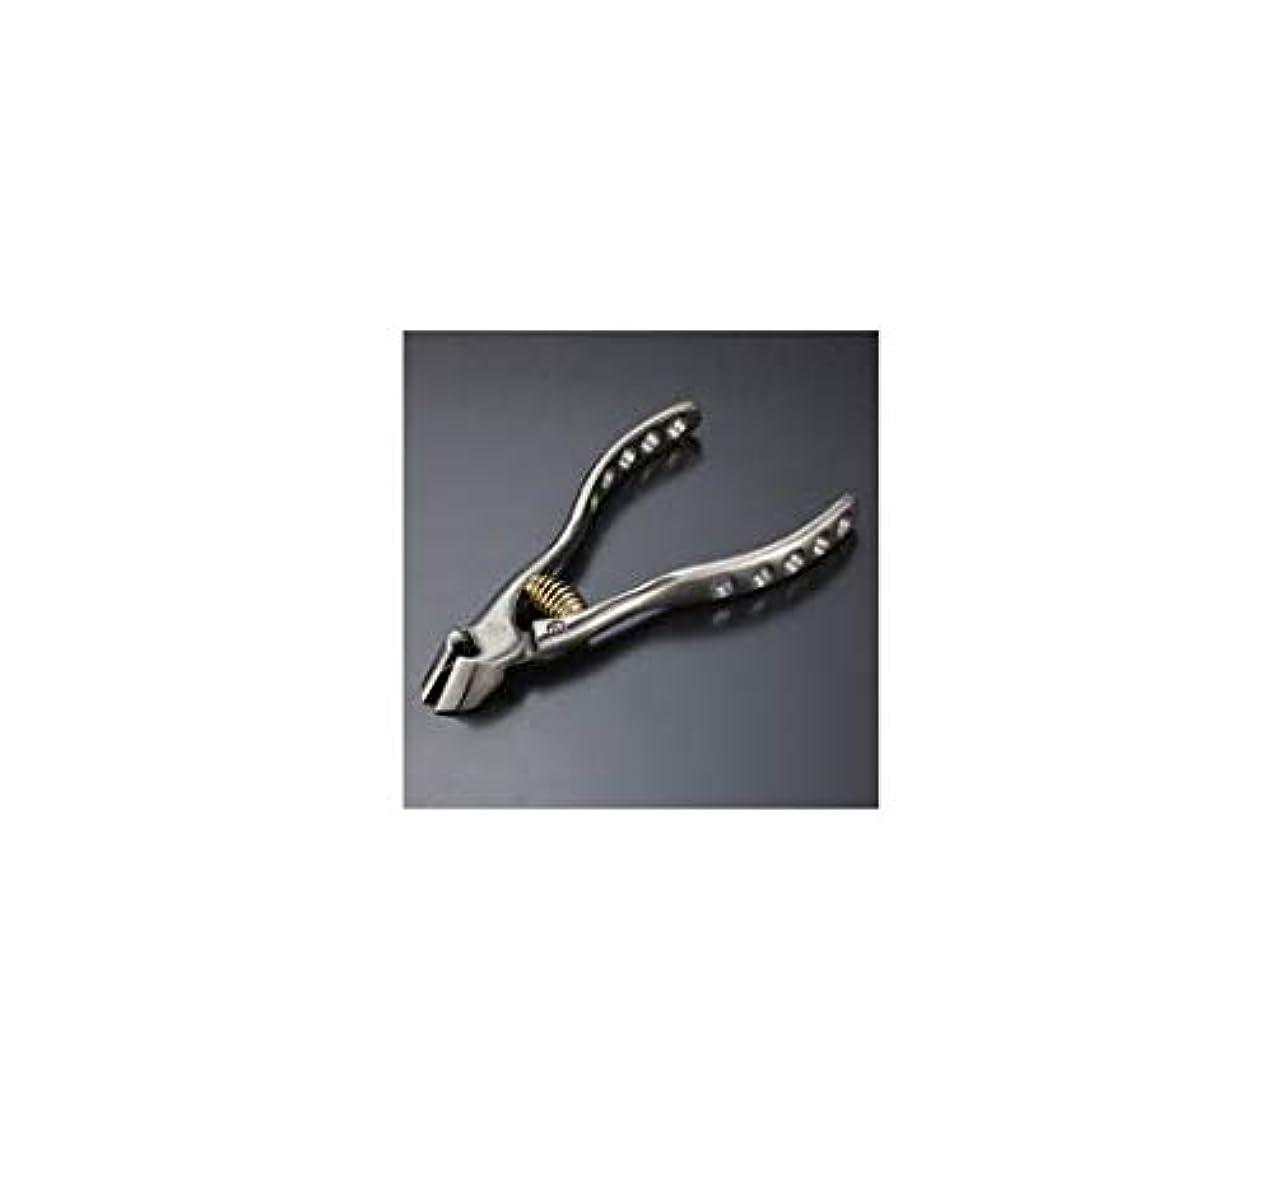 フロンティアディプロマソフィー鍛冶屋謹製ニッパ式爪切り 日本製 ニッパー 人気 おすすめ ネイル